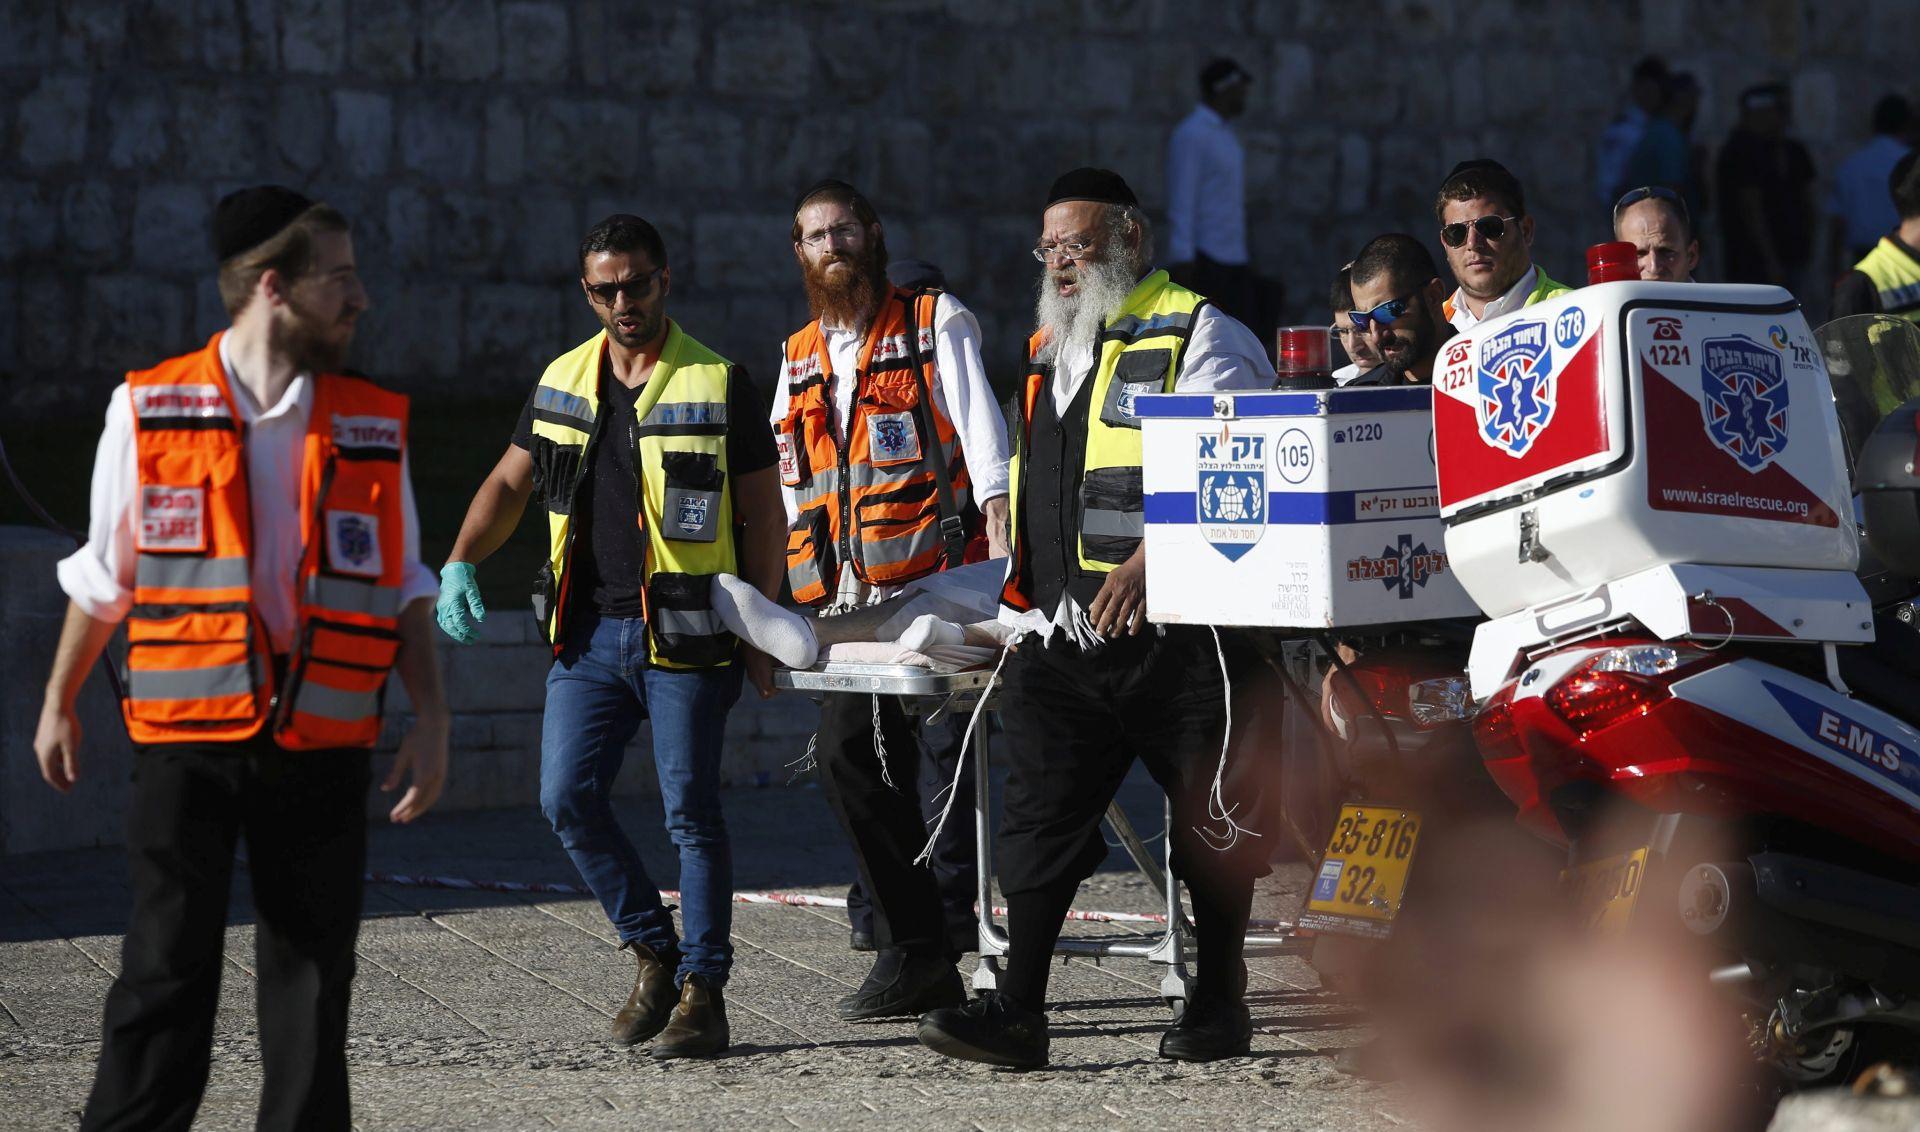 Napad kamionom u Jeruzalemu, troje mrtvih i 15 ozlijeđenih